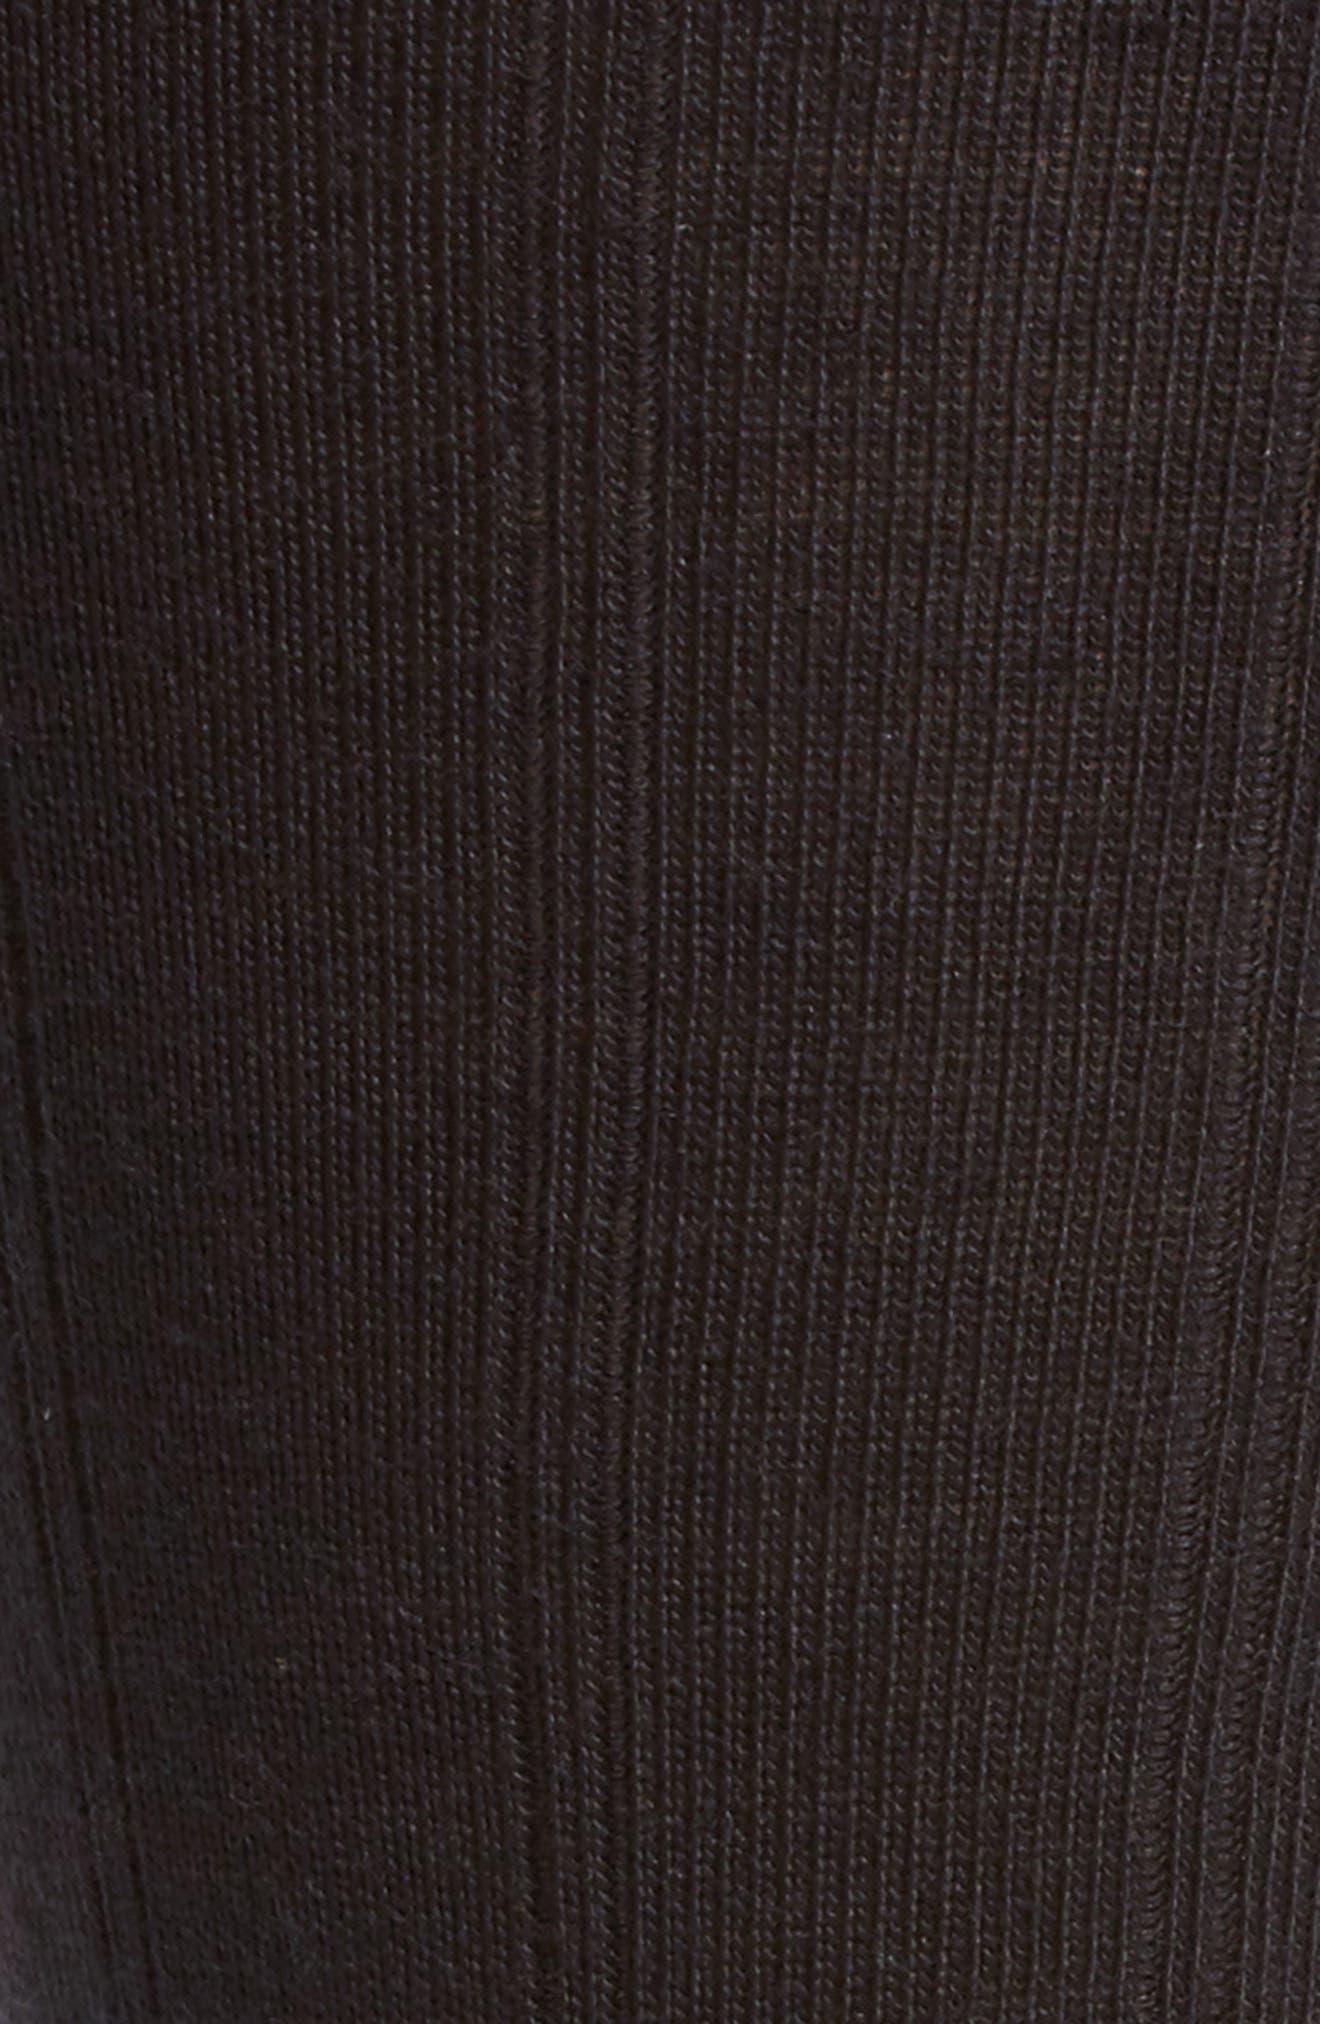 Alternate Image 2  - Nordstrom Men's Shop Rib Wool Blend Socks (Men) (3 for $30)